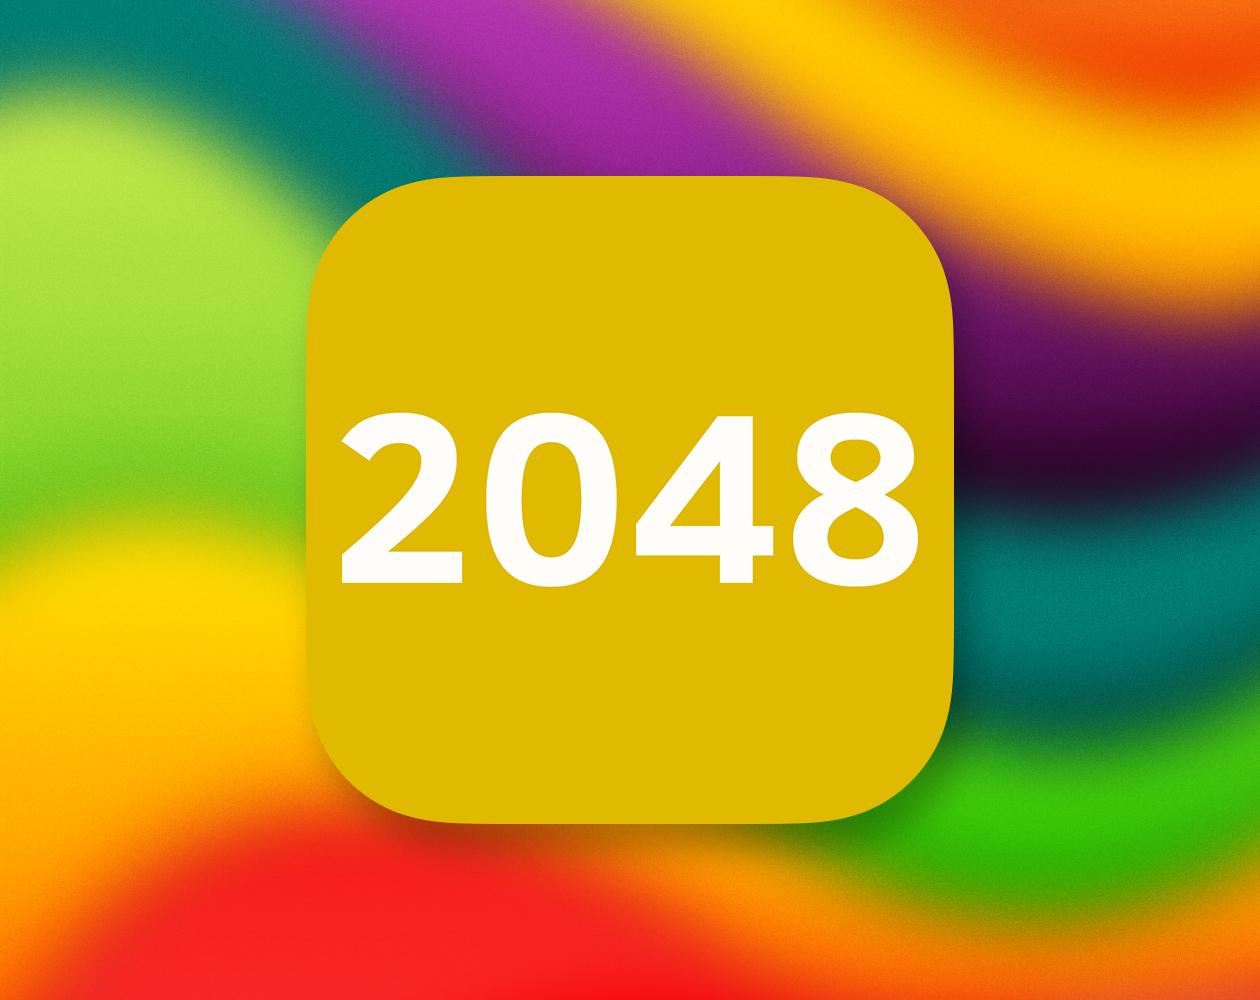 2048: очень увлекательная арифметическая головоломка для iPhone и iPad